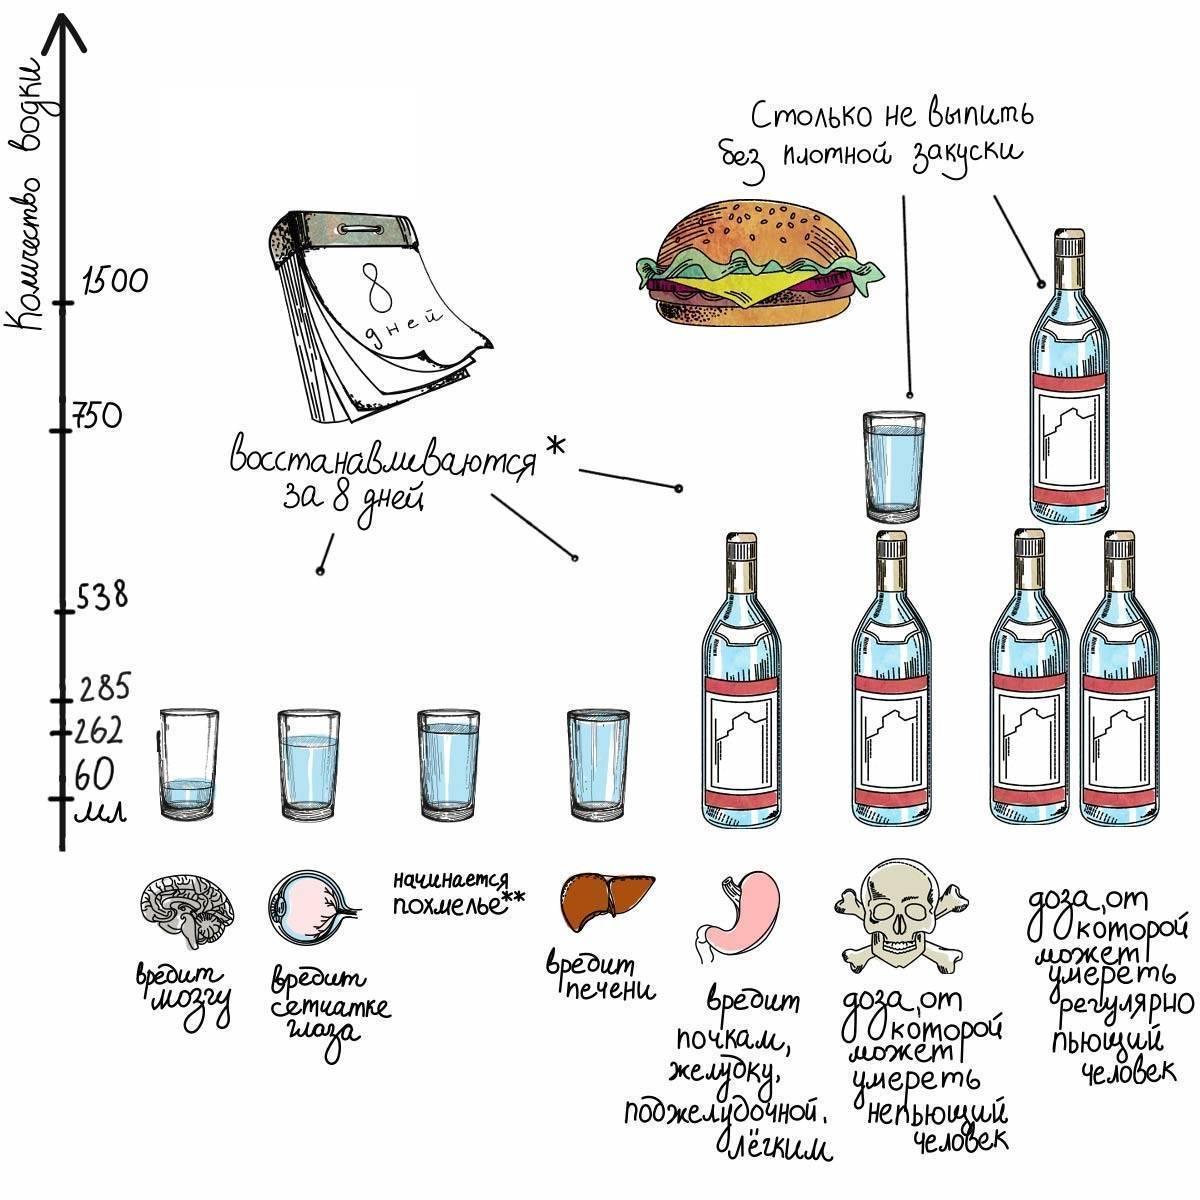 Что лучше - коньяк или водка, в чем принципиальное отличие? особенности производства и употребления | про самогон и другие напитки ? | яндекс дзен